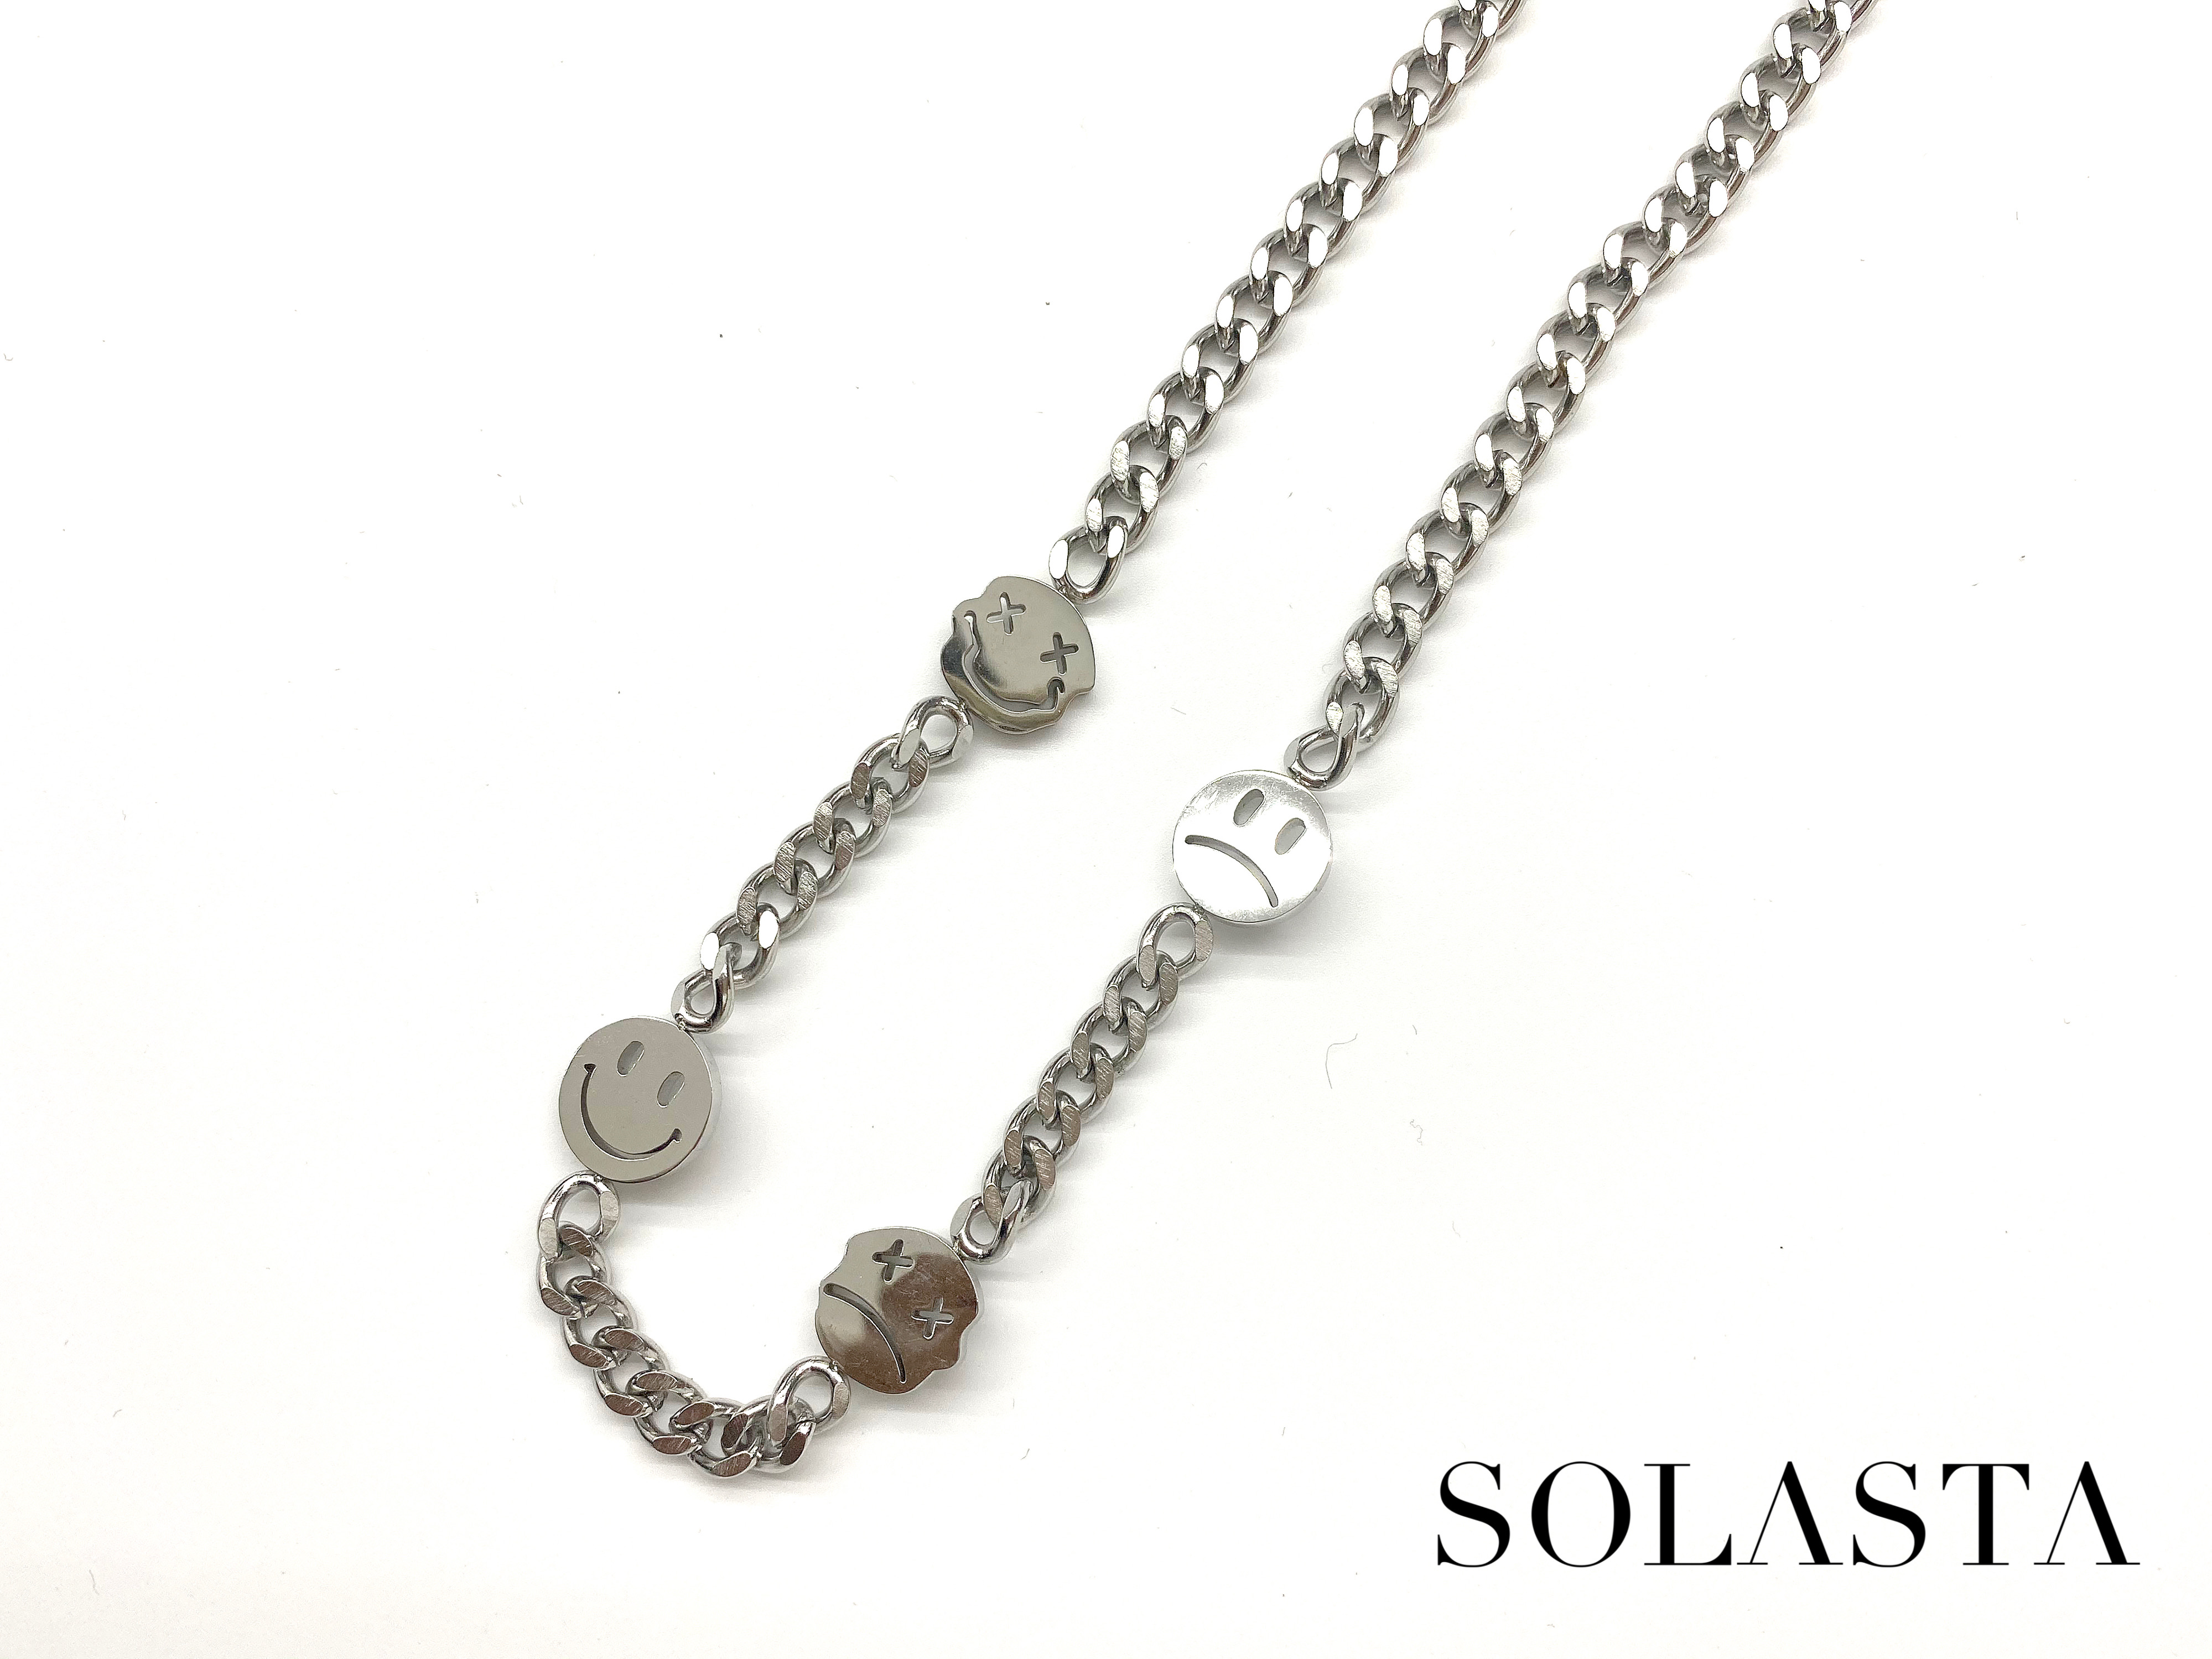 SOLASTA - SMILING SILVER